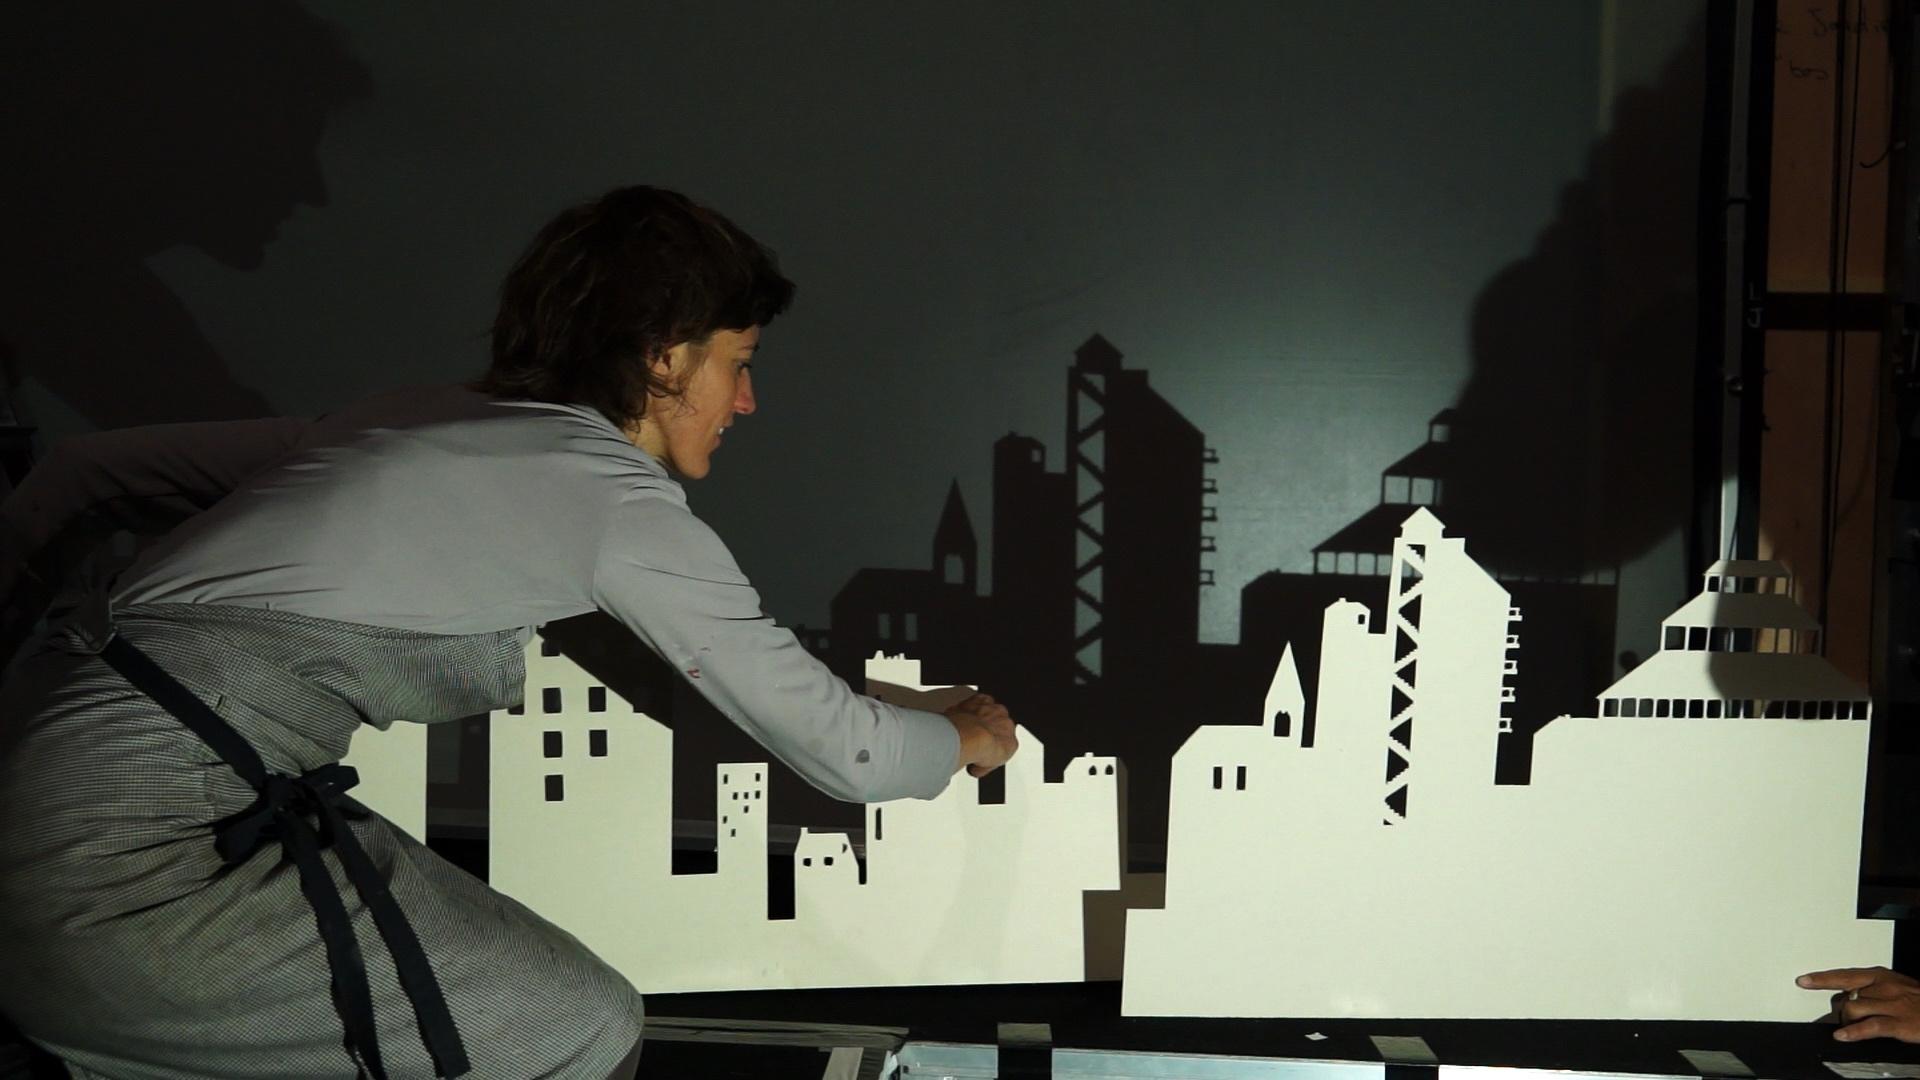 De l'ombre à la lumière Johanny Bert 8 - Blandine Armand - Documentaires